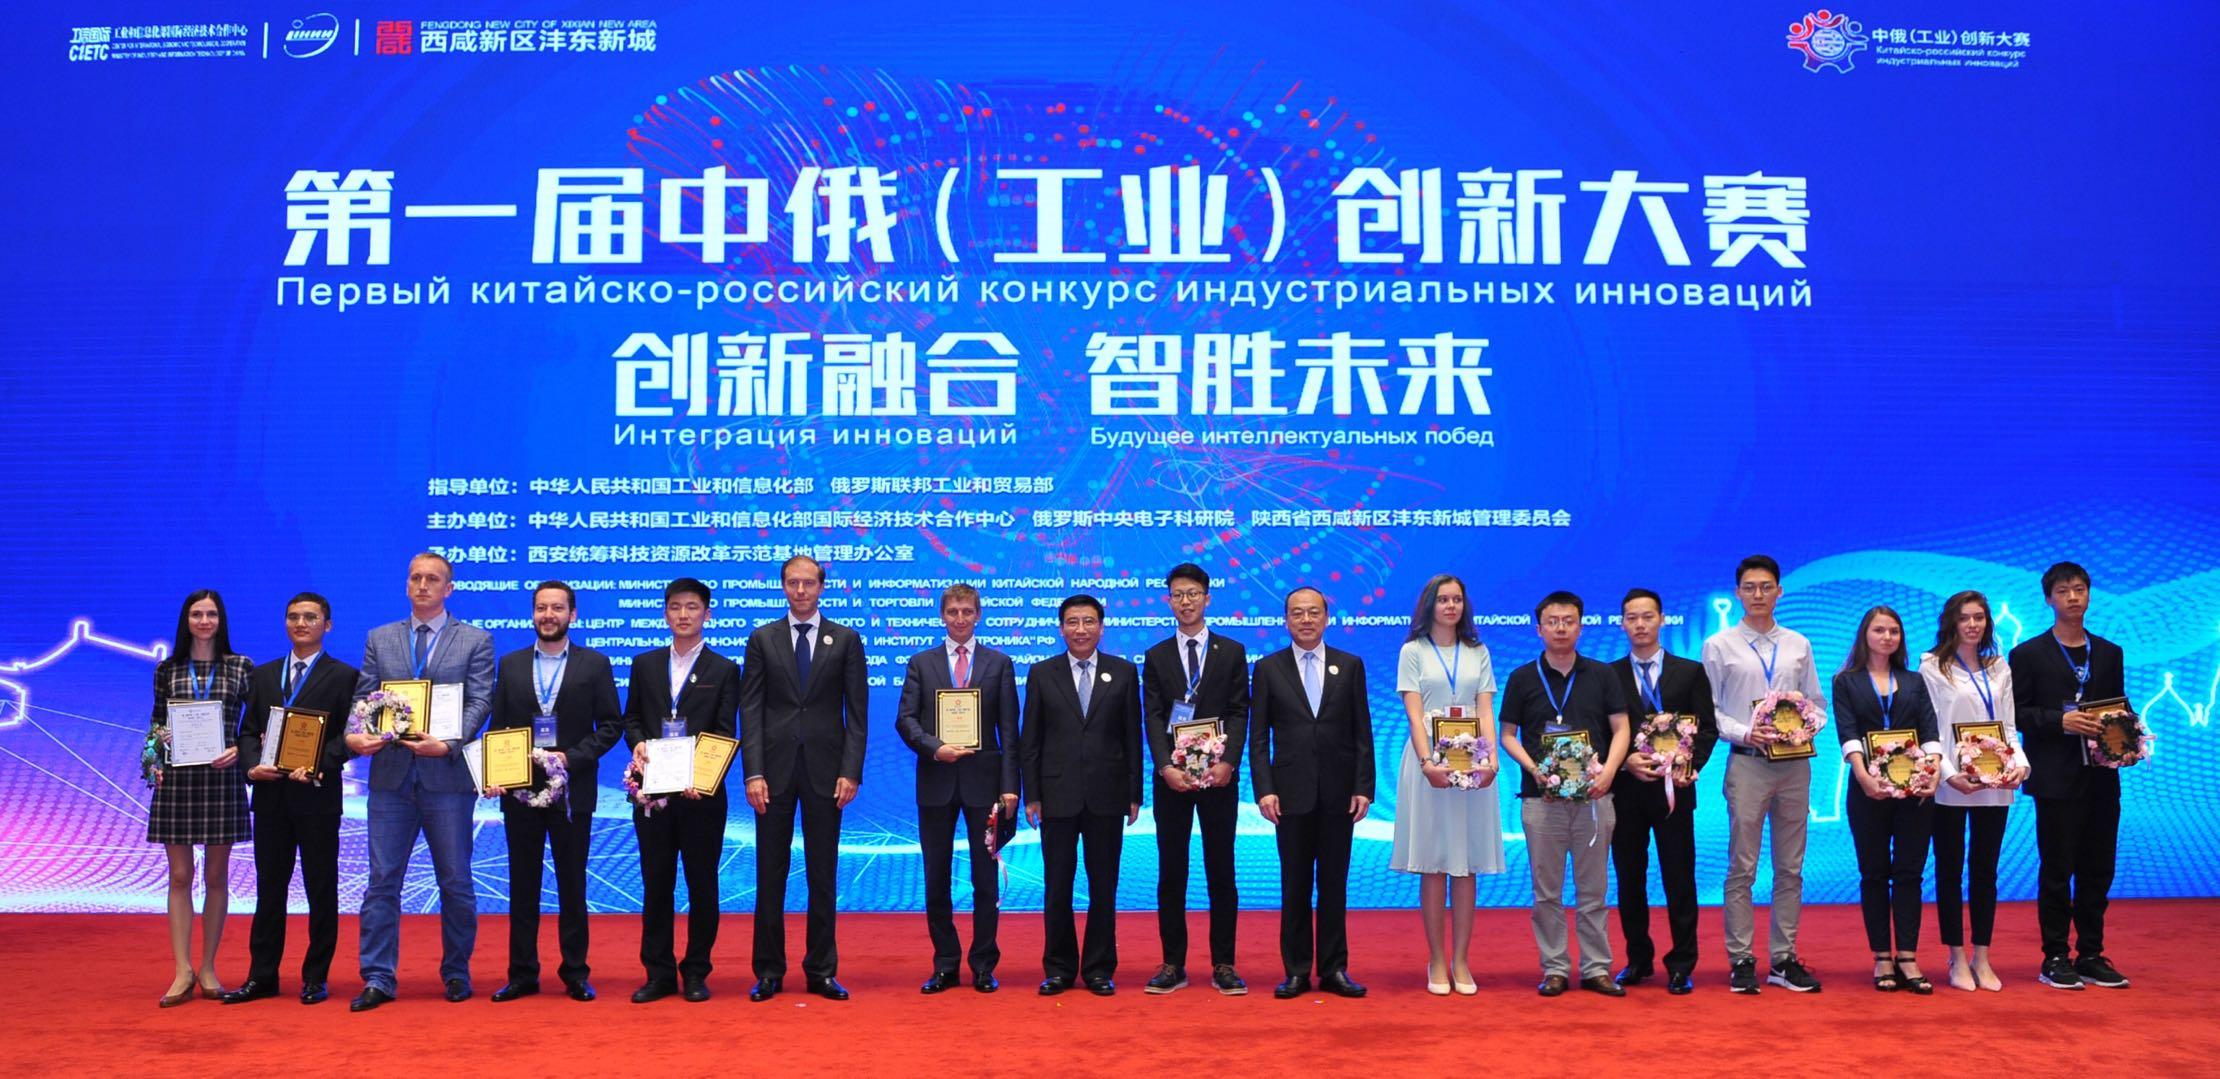 南京航空航天大学在首届中俄工业创新大赛中取得佳绩